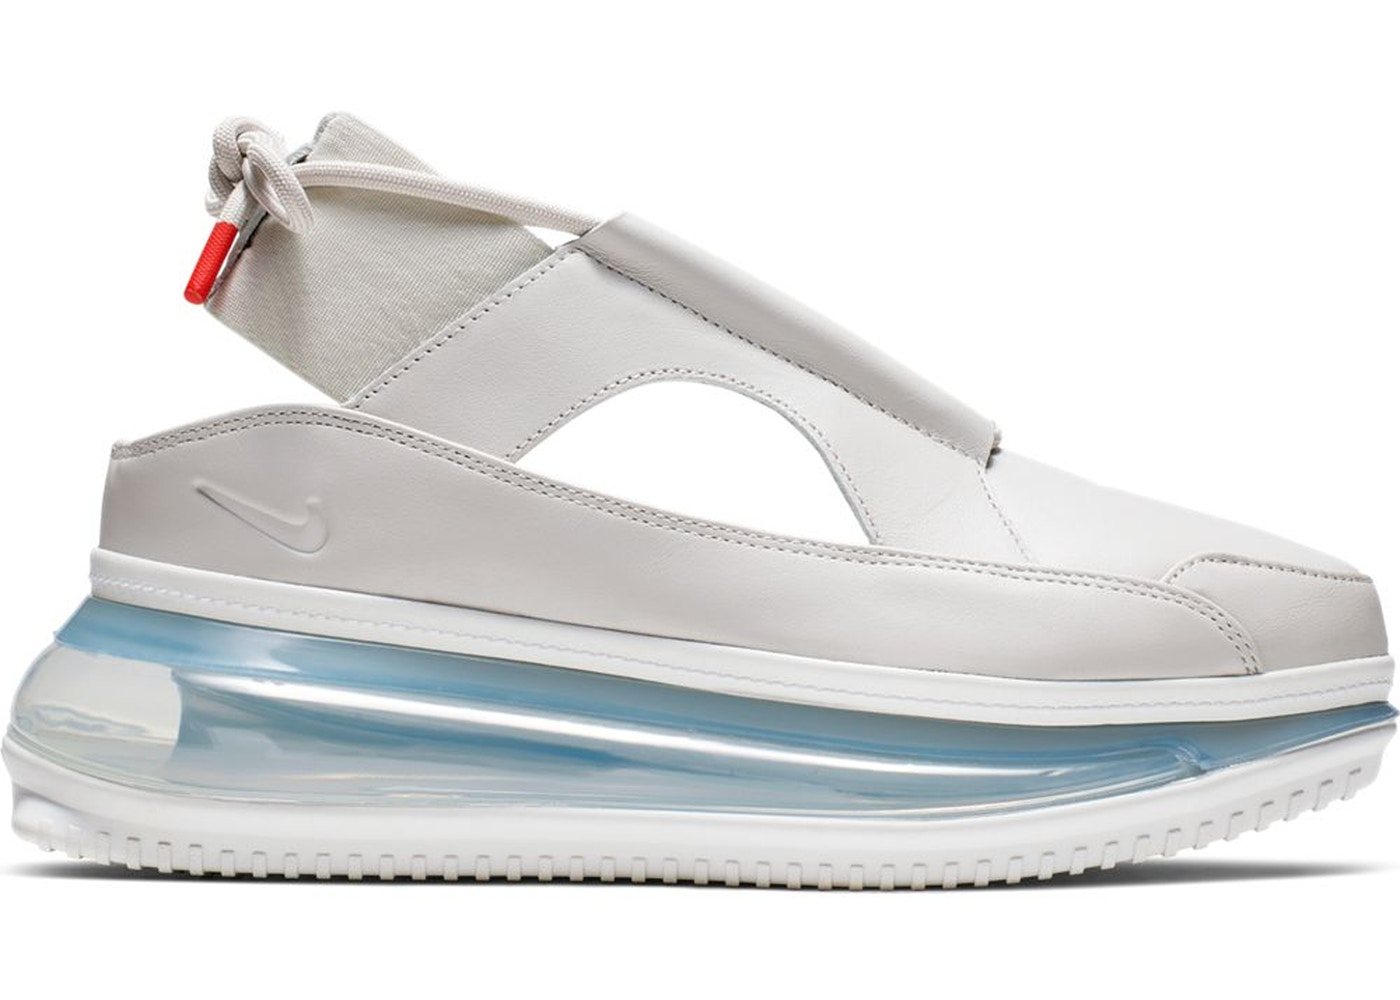 Nike Air Max Ff 720 Summit White W Ao3189 100